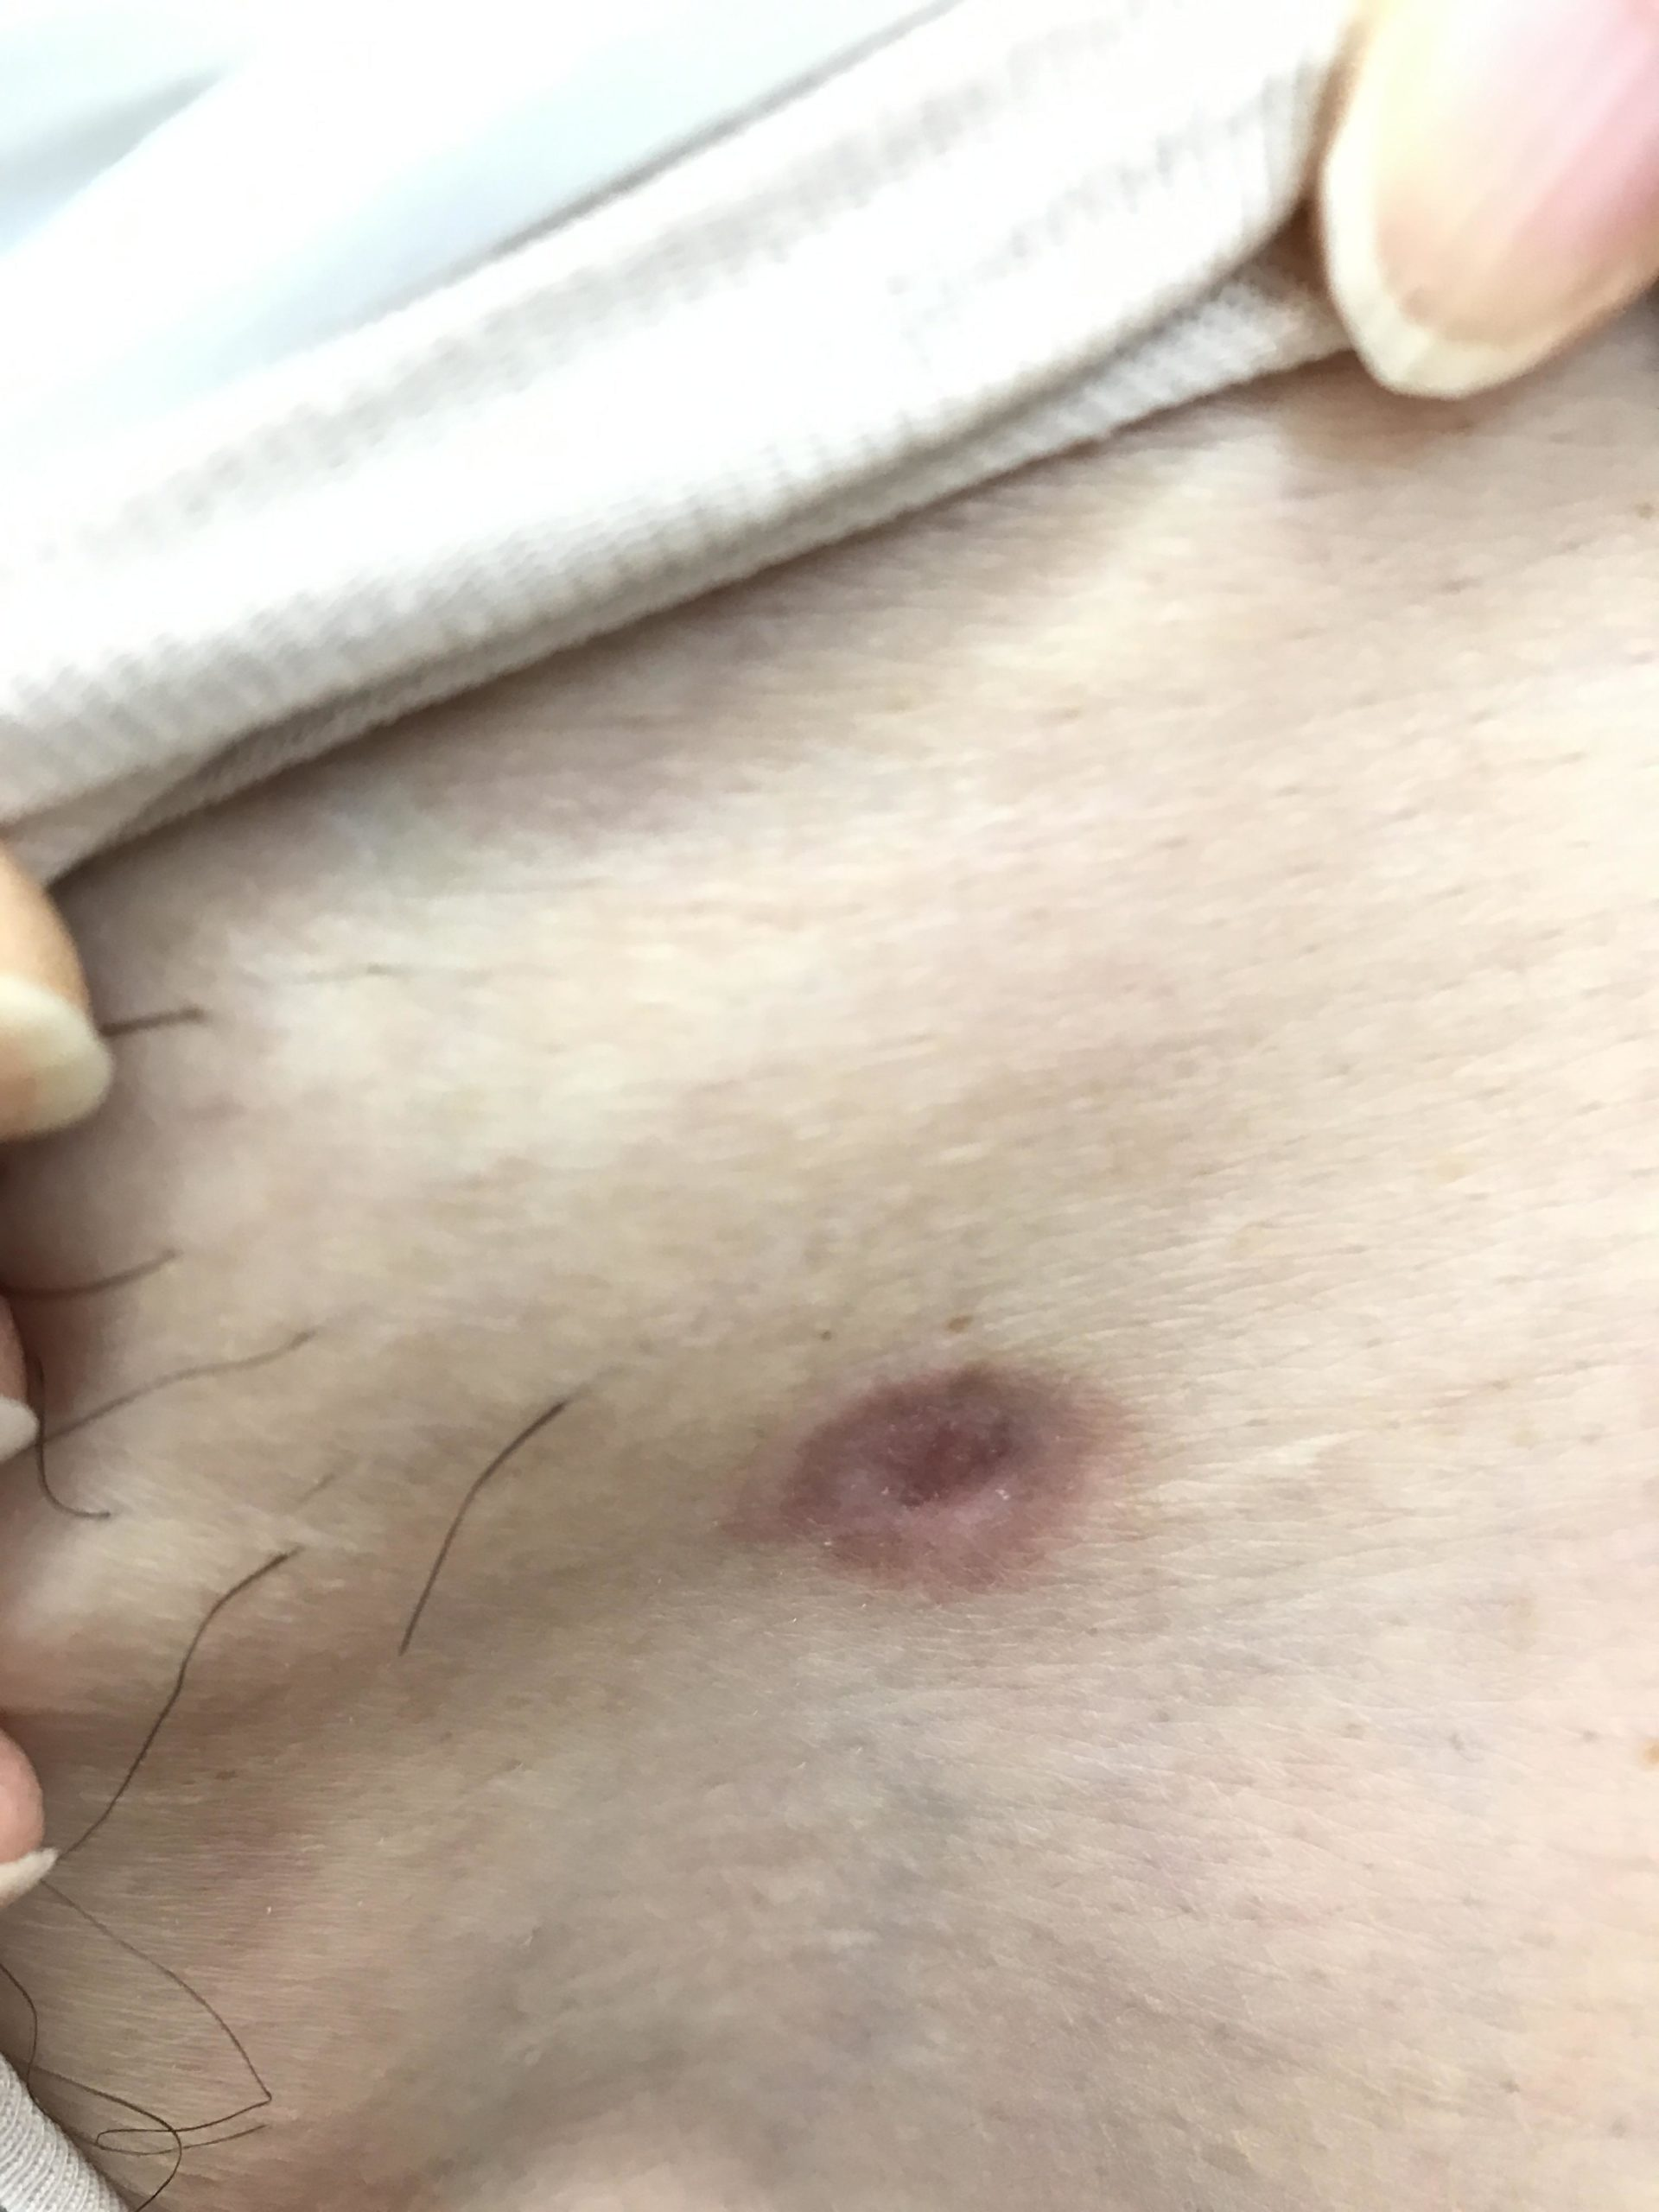 左そけい部(またの付け根)の腫瘍